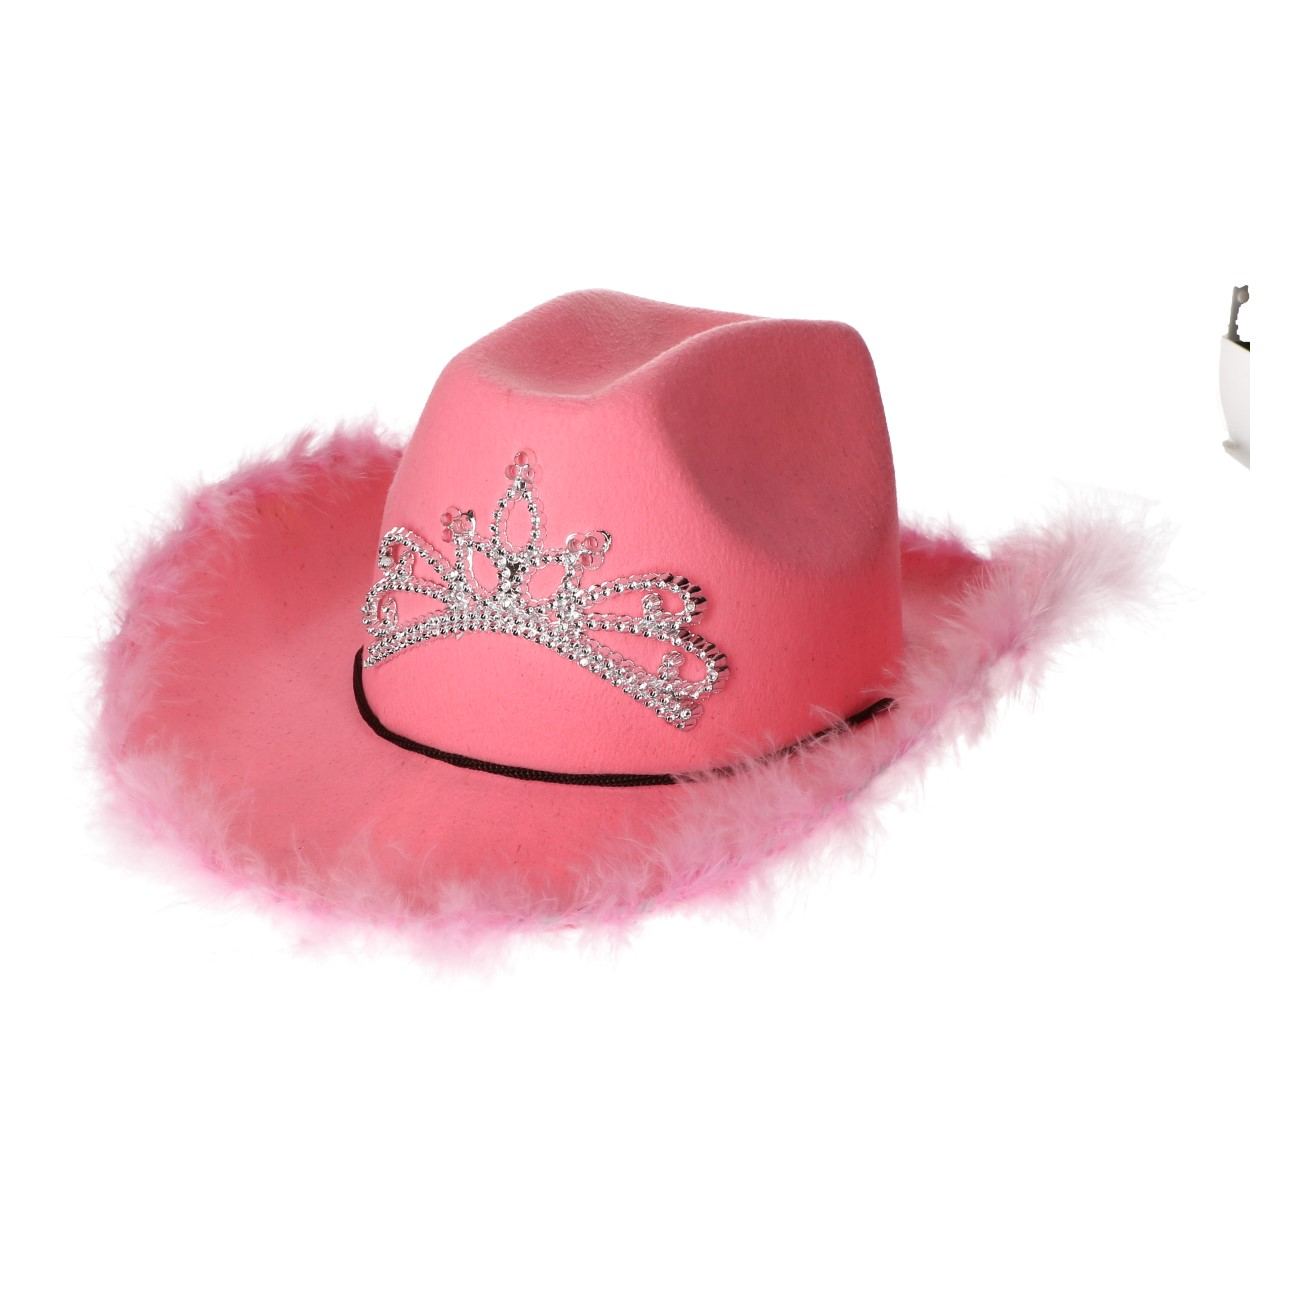 Hoed roze kroontje#968